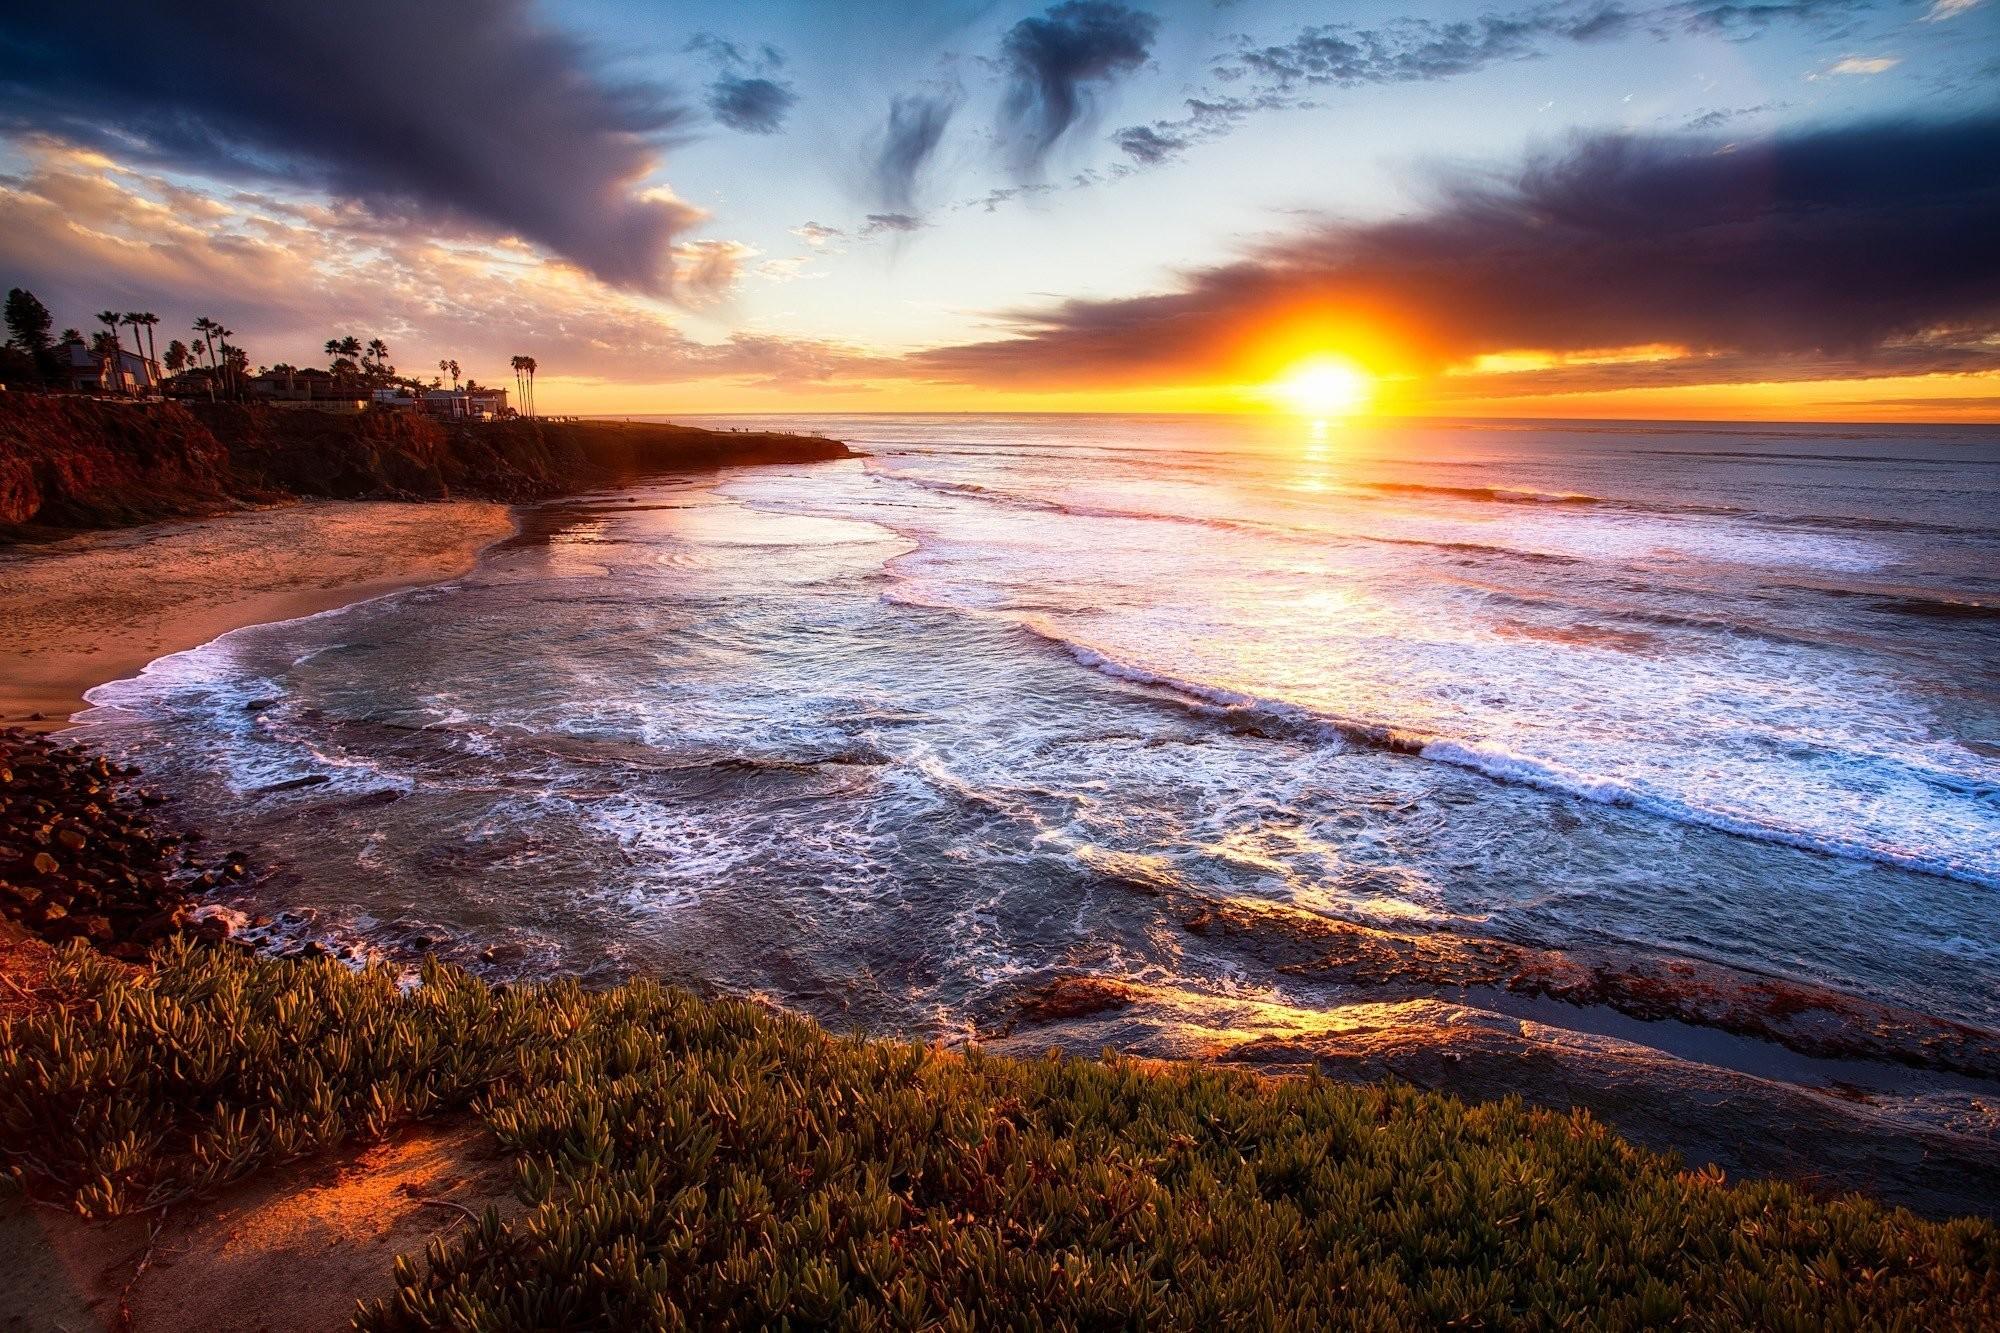 San Diego California sunset landscape wallpaper | | 291354 |  WallpaperUP